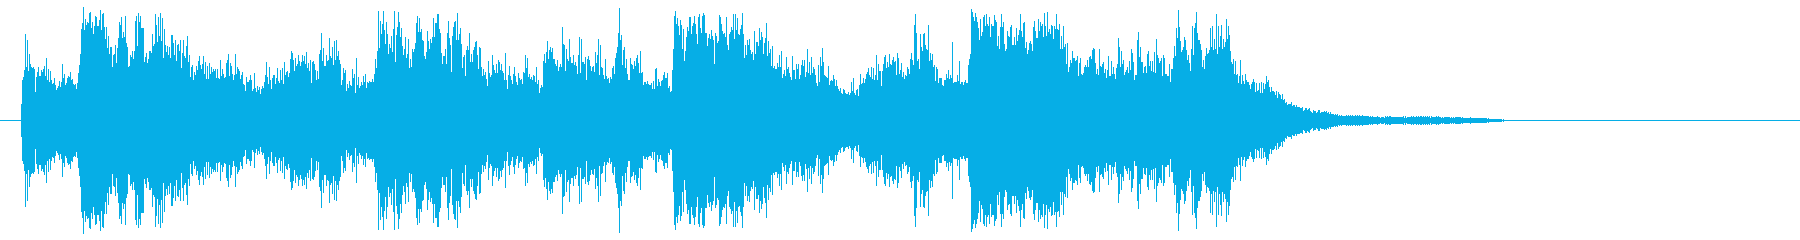 ラテン風イージーリスニングの再生済みの波形